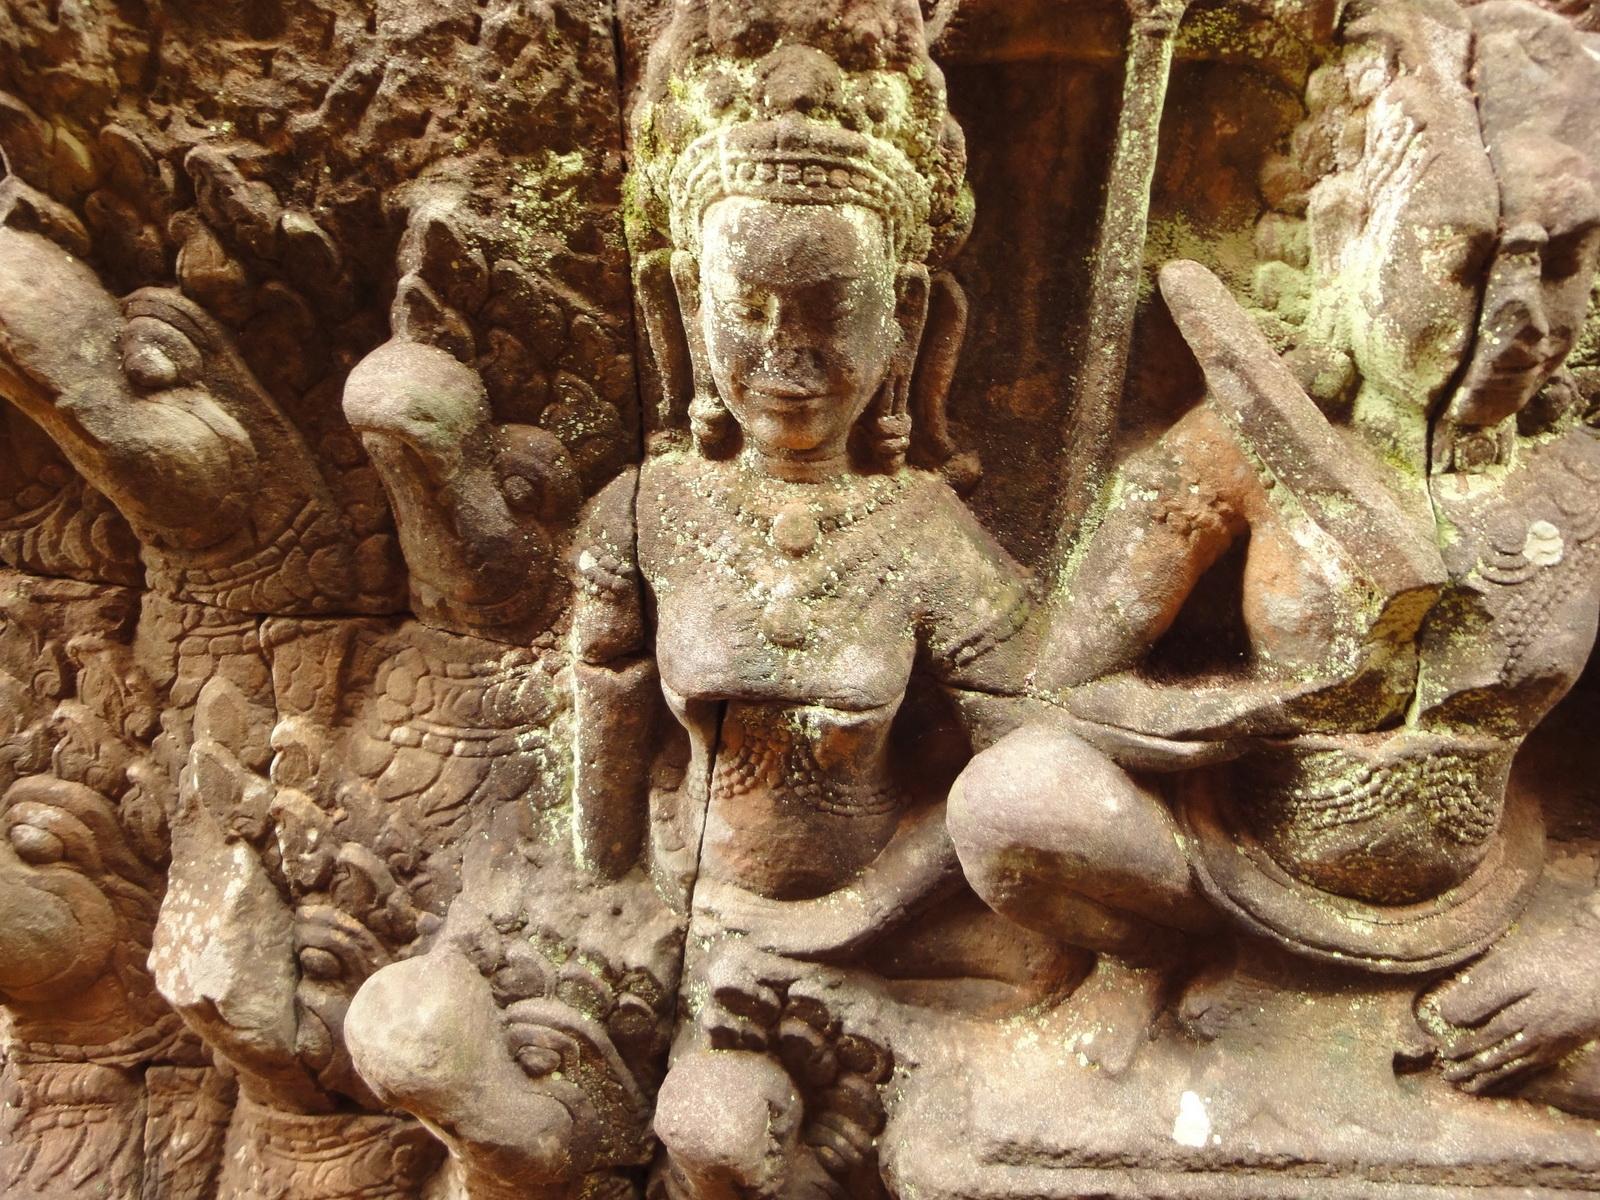 Leper King Terrace hidden wall underworld Nagas and deities 012